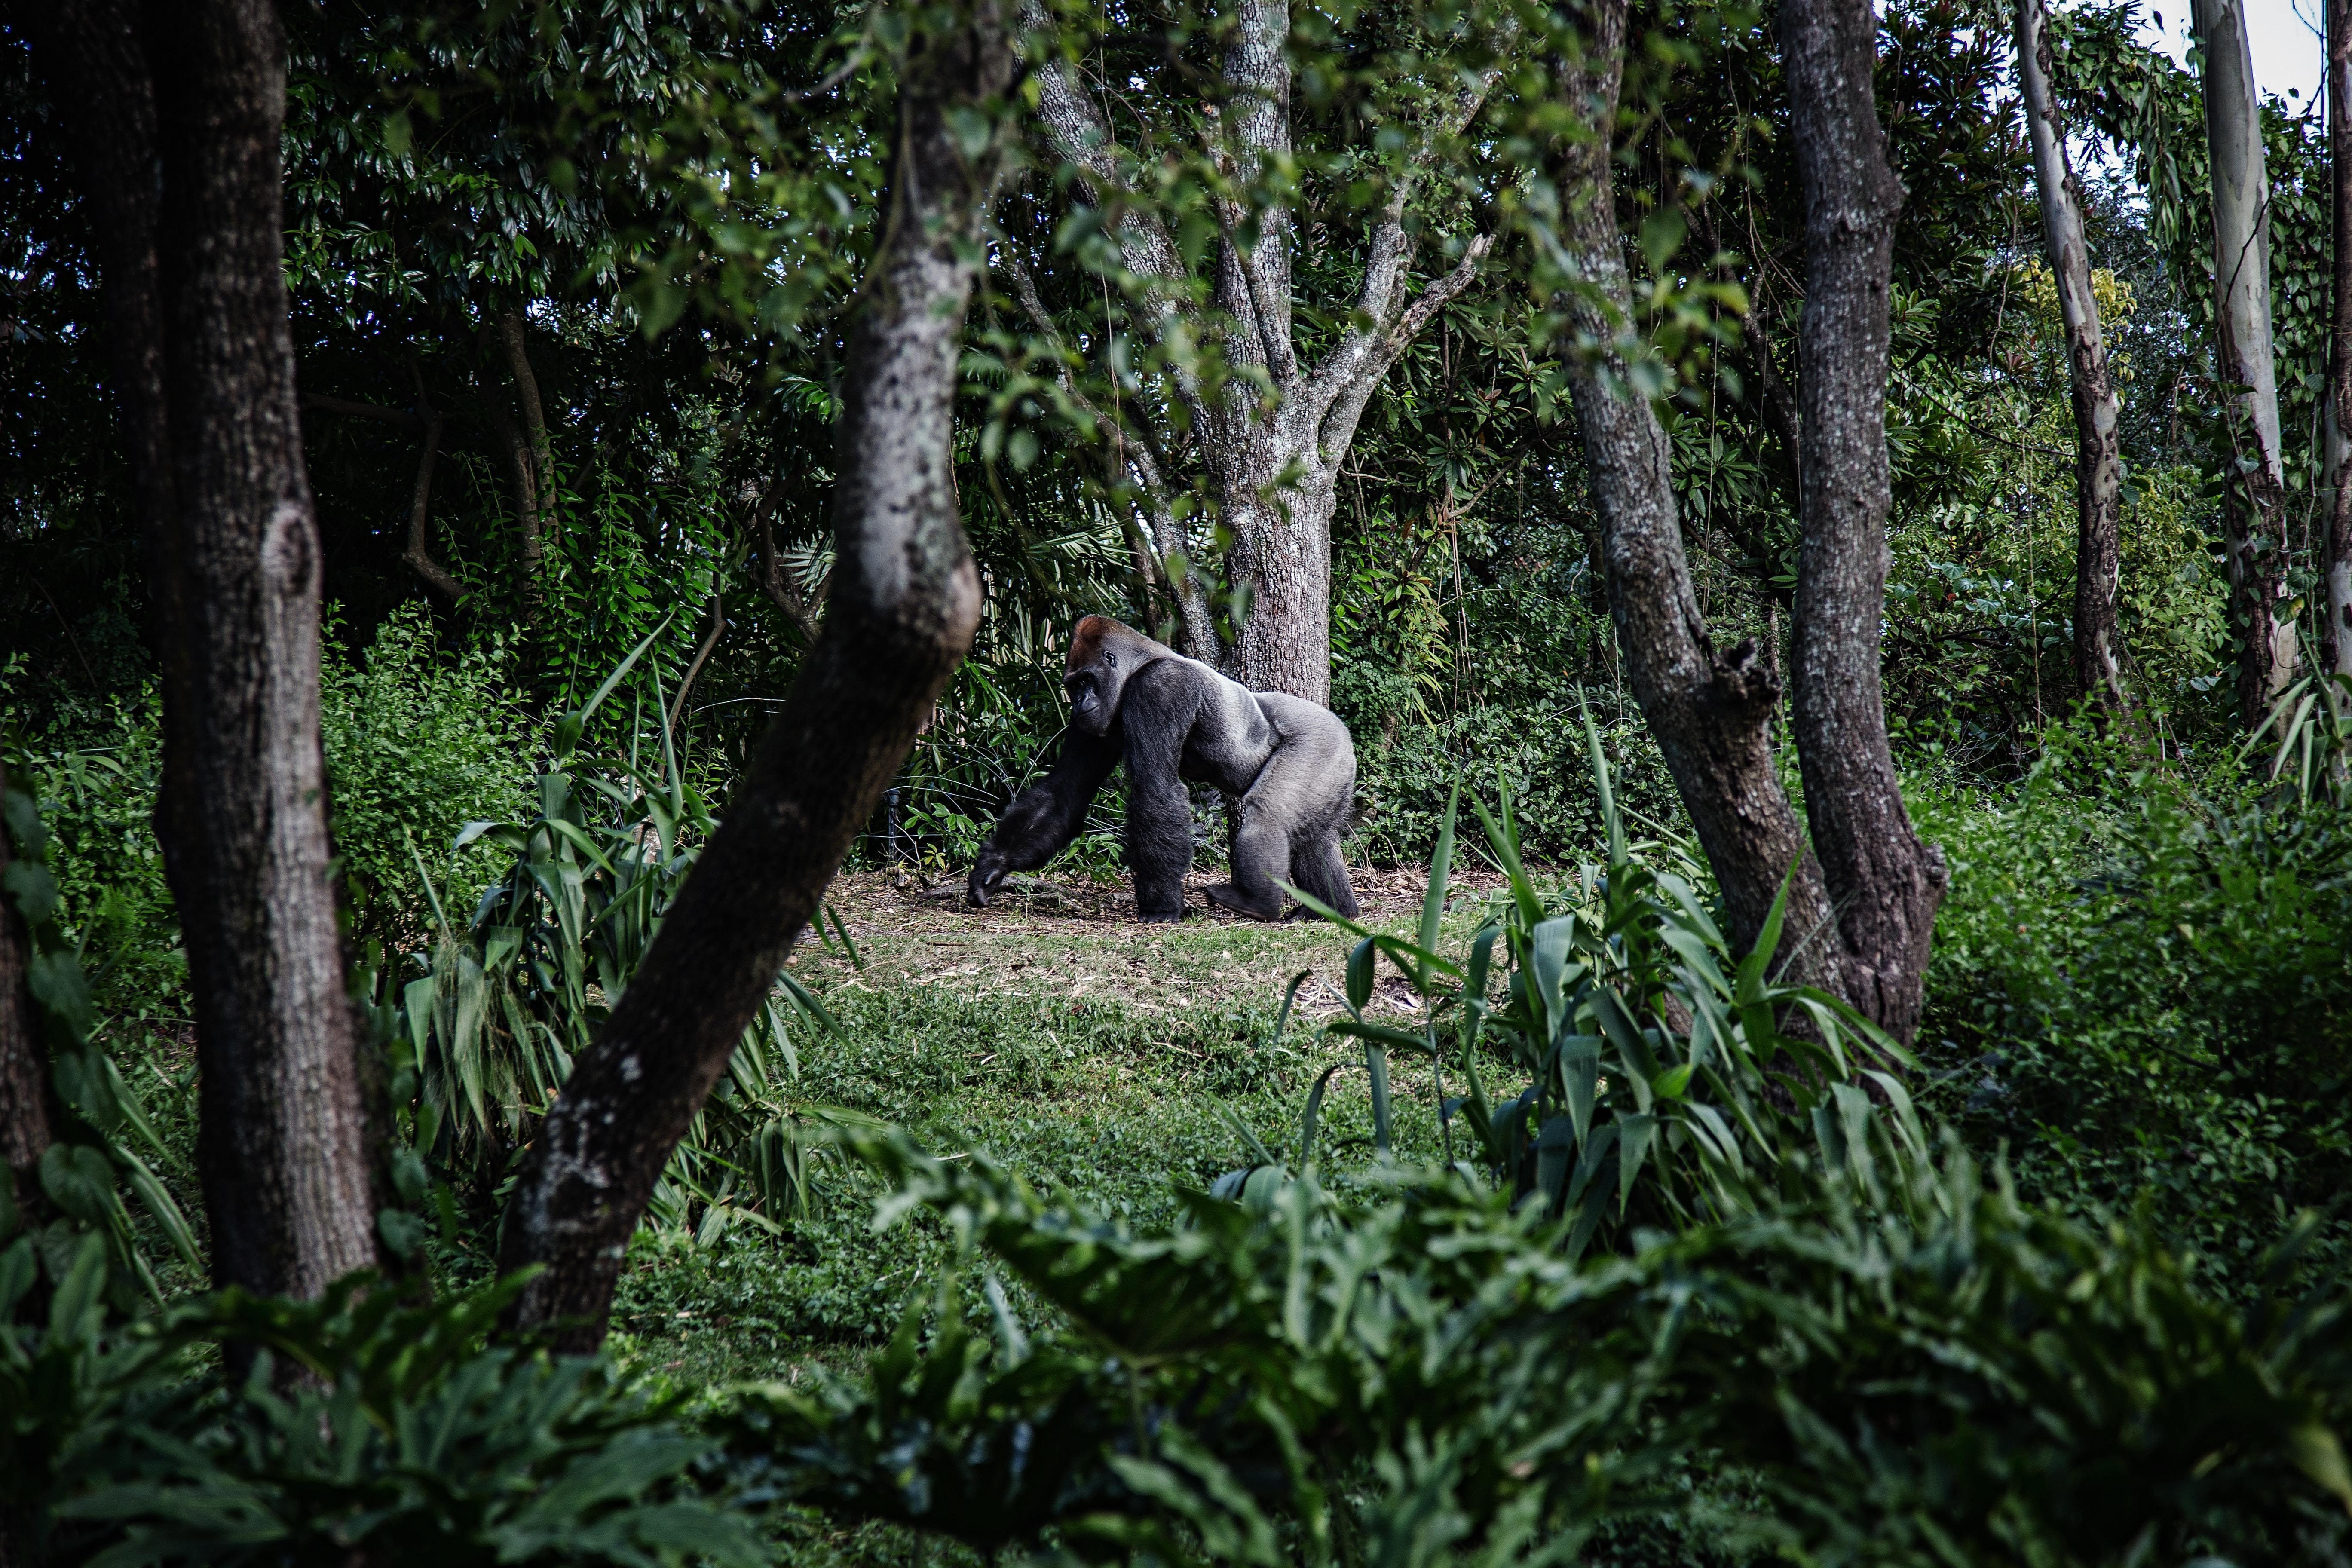 Gorilla walking through forest biodiversity extinction conservation